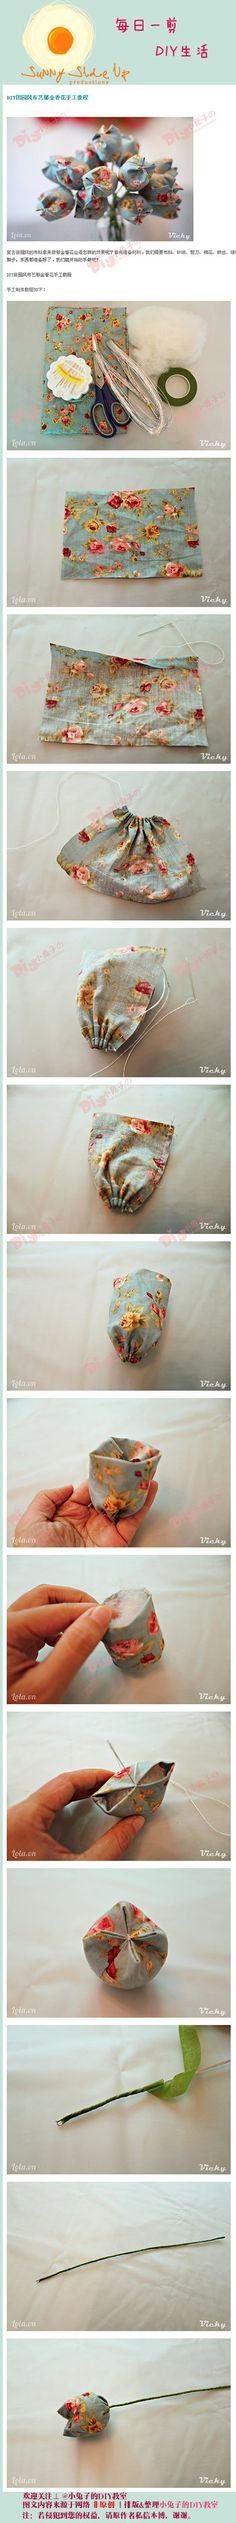 DIY Fabric Tulip Flower